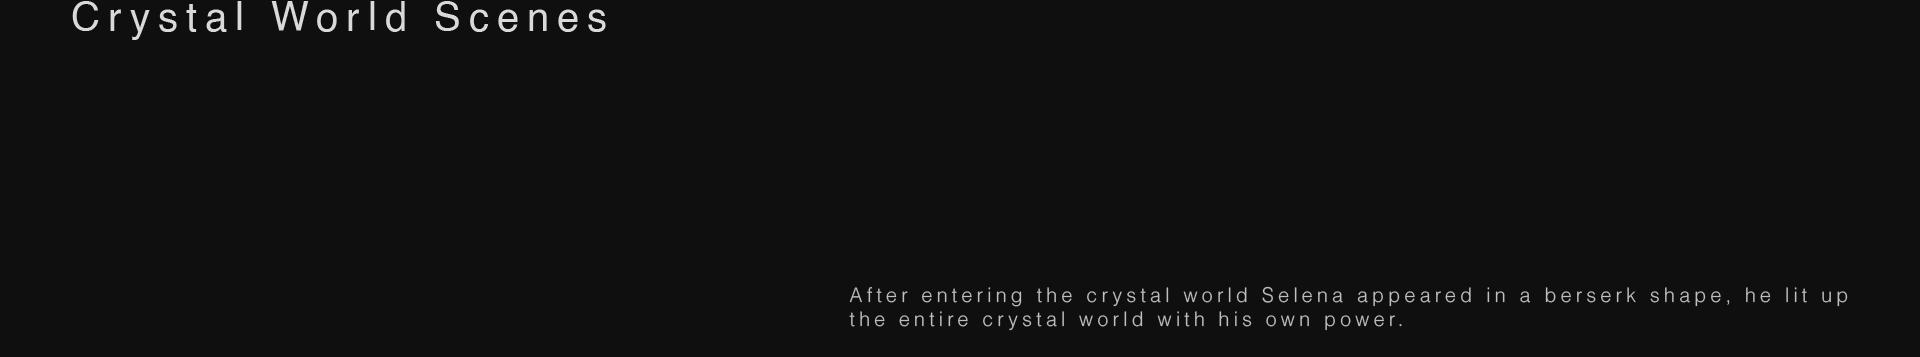 內容 09 Crystal World